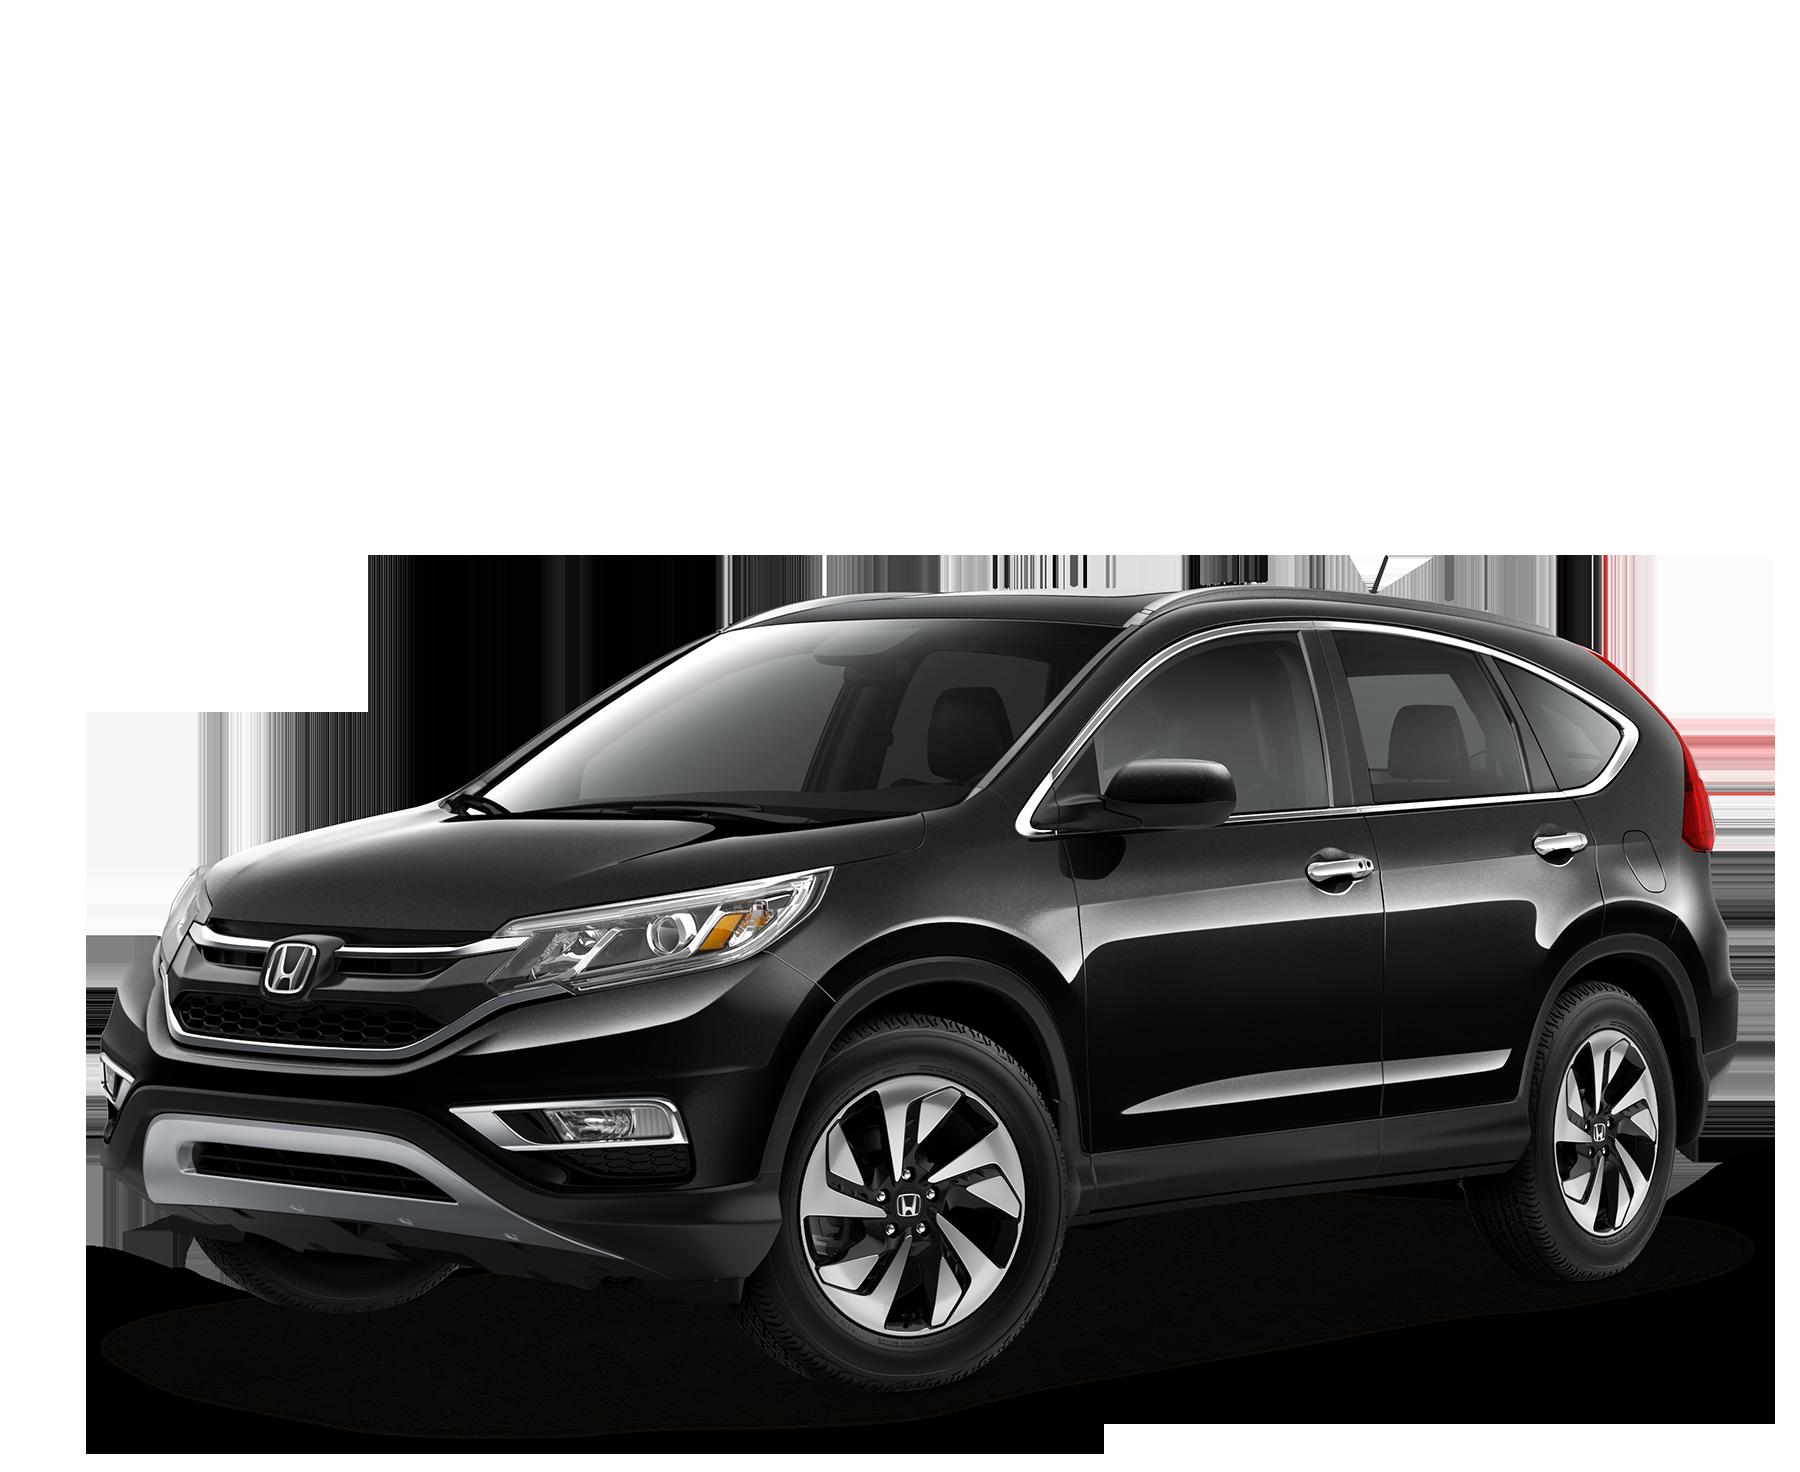 Introducing The New 2015 Honda Cr V Honda Crv Pickering Honda Cr Honda Cr V